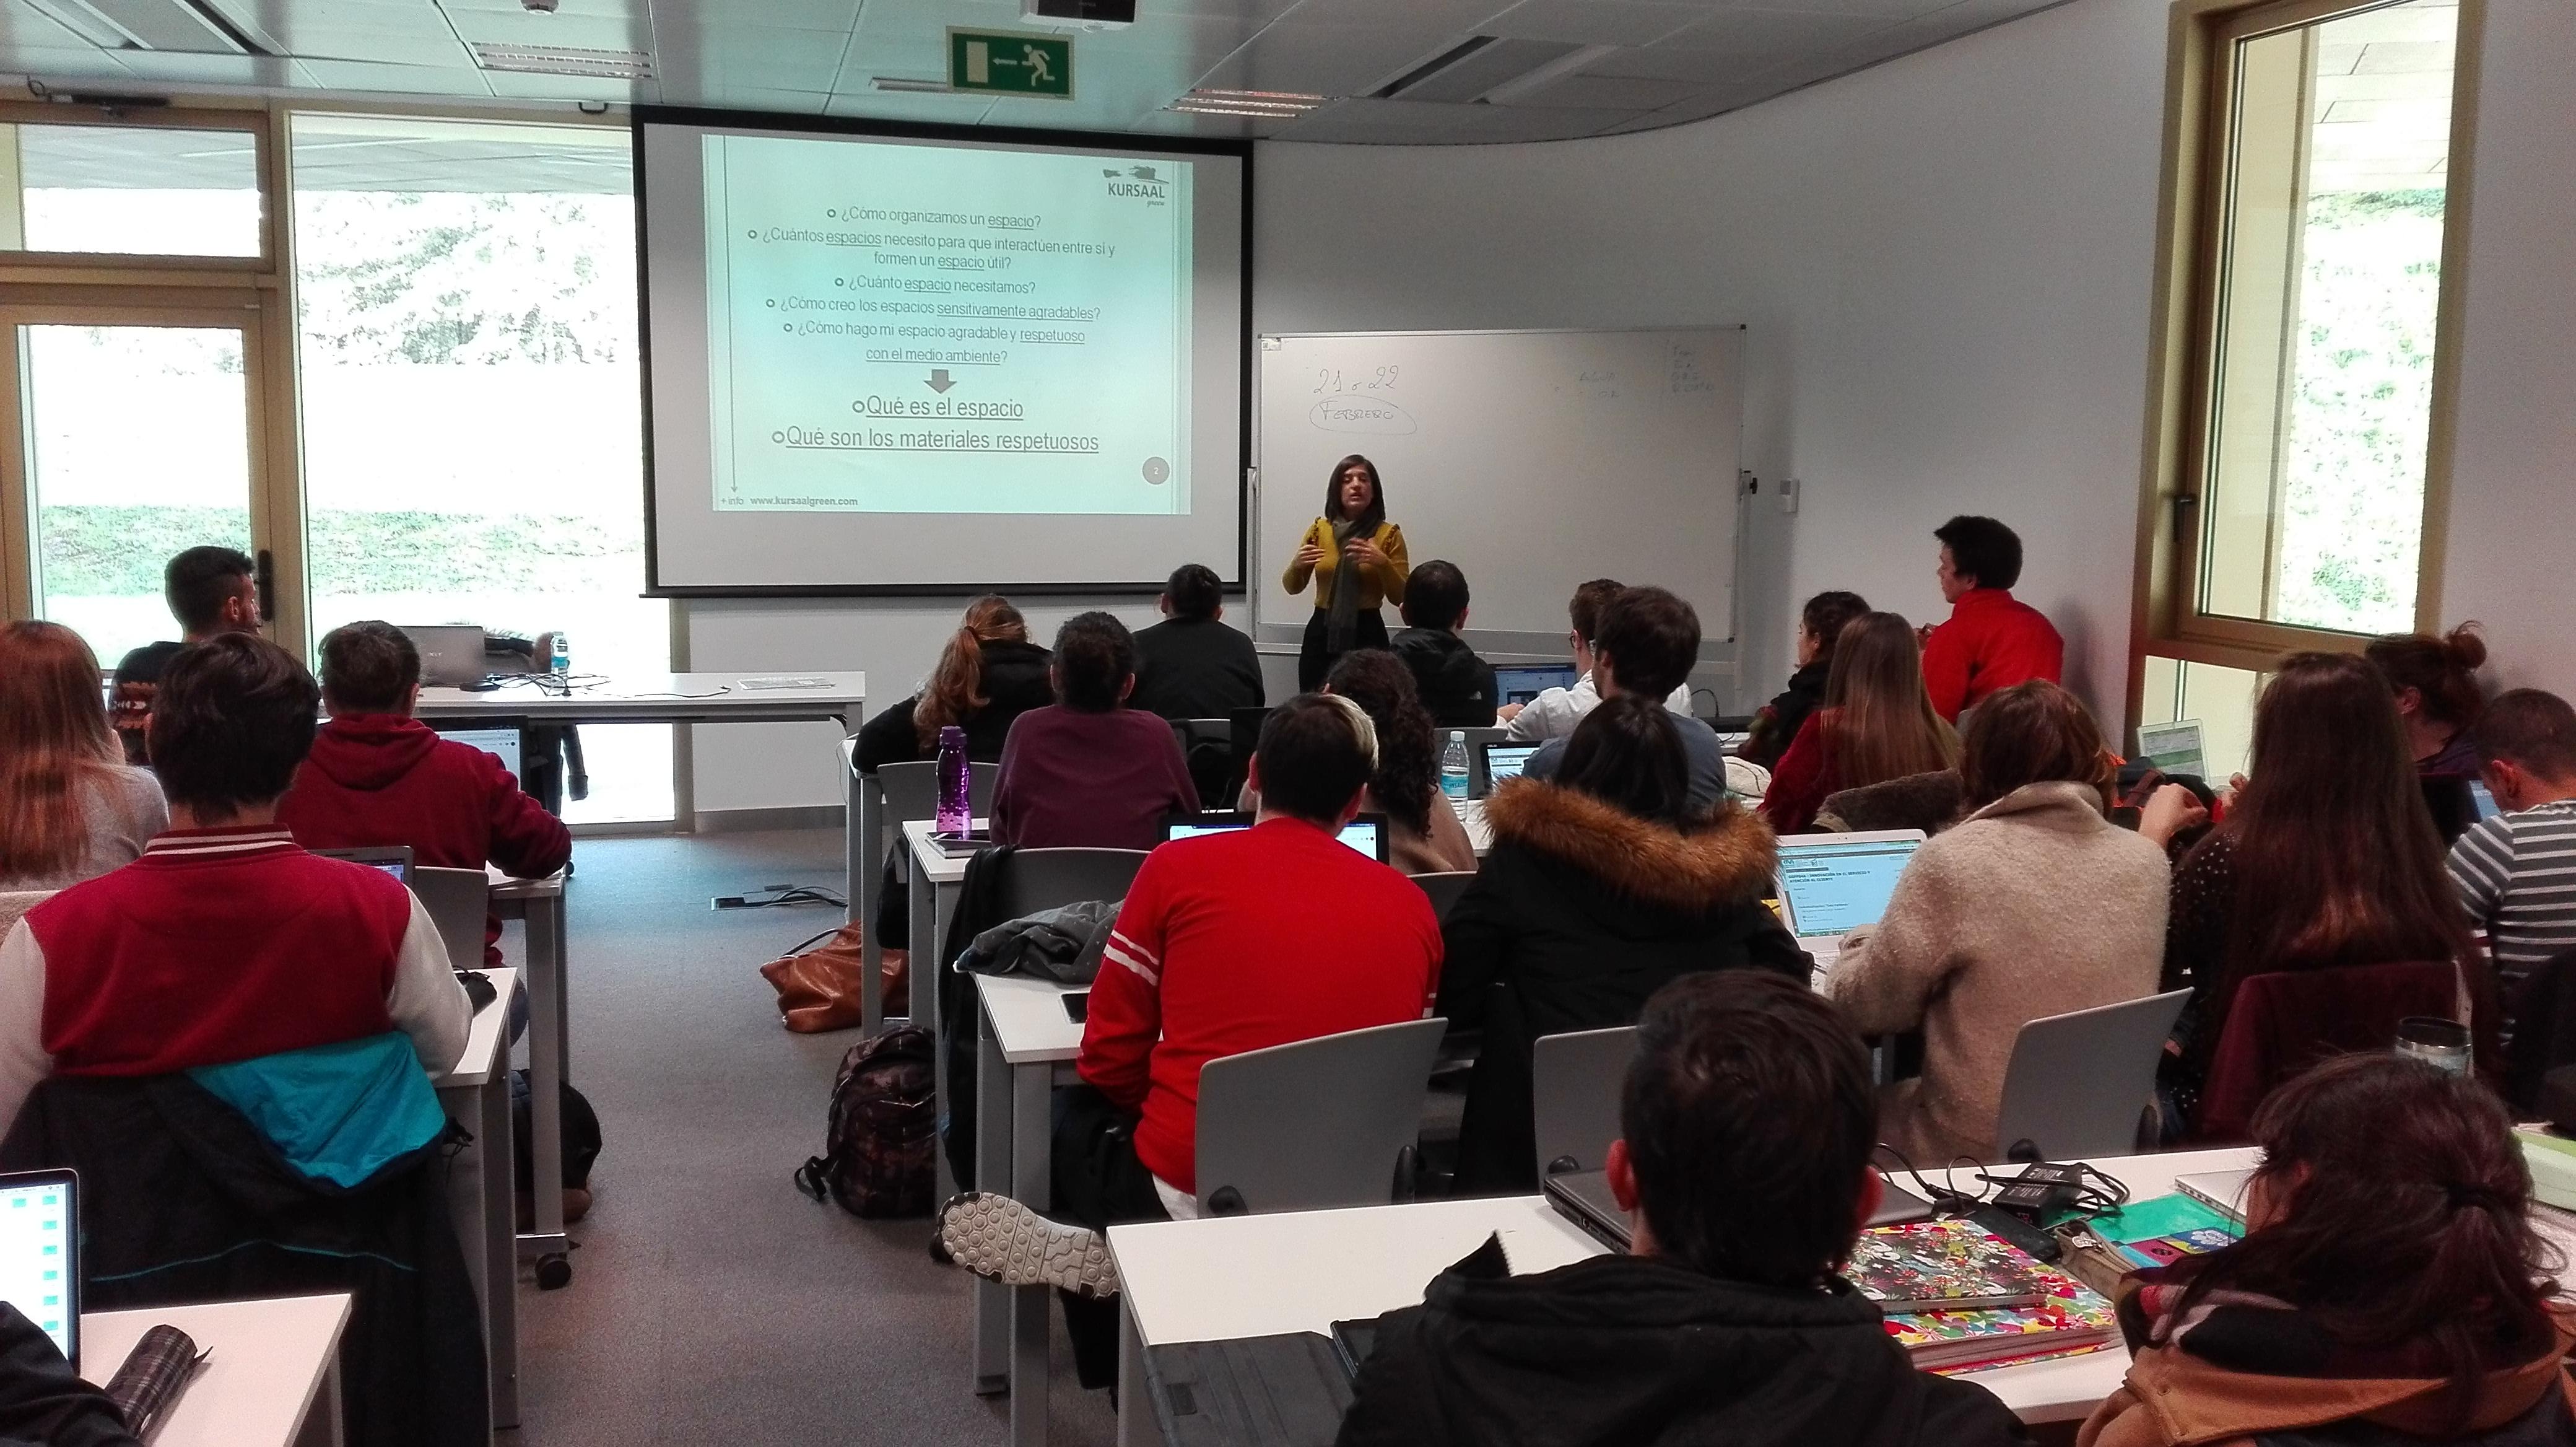 imagen 2 de noticia: otro-ao-ms-kursaal-green-impartimos-una-serie-de-clases-en-el-basque-culinary-center